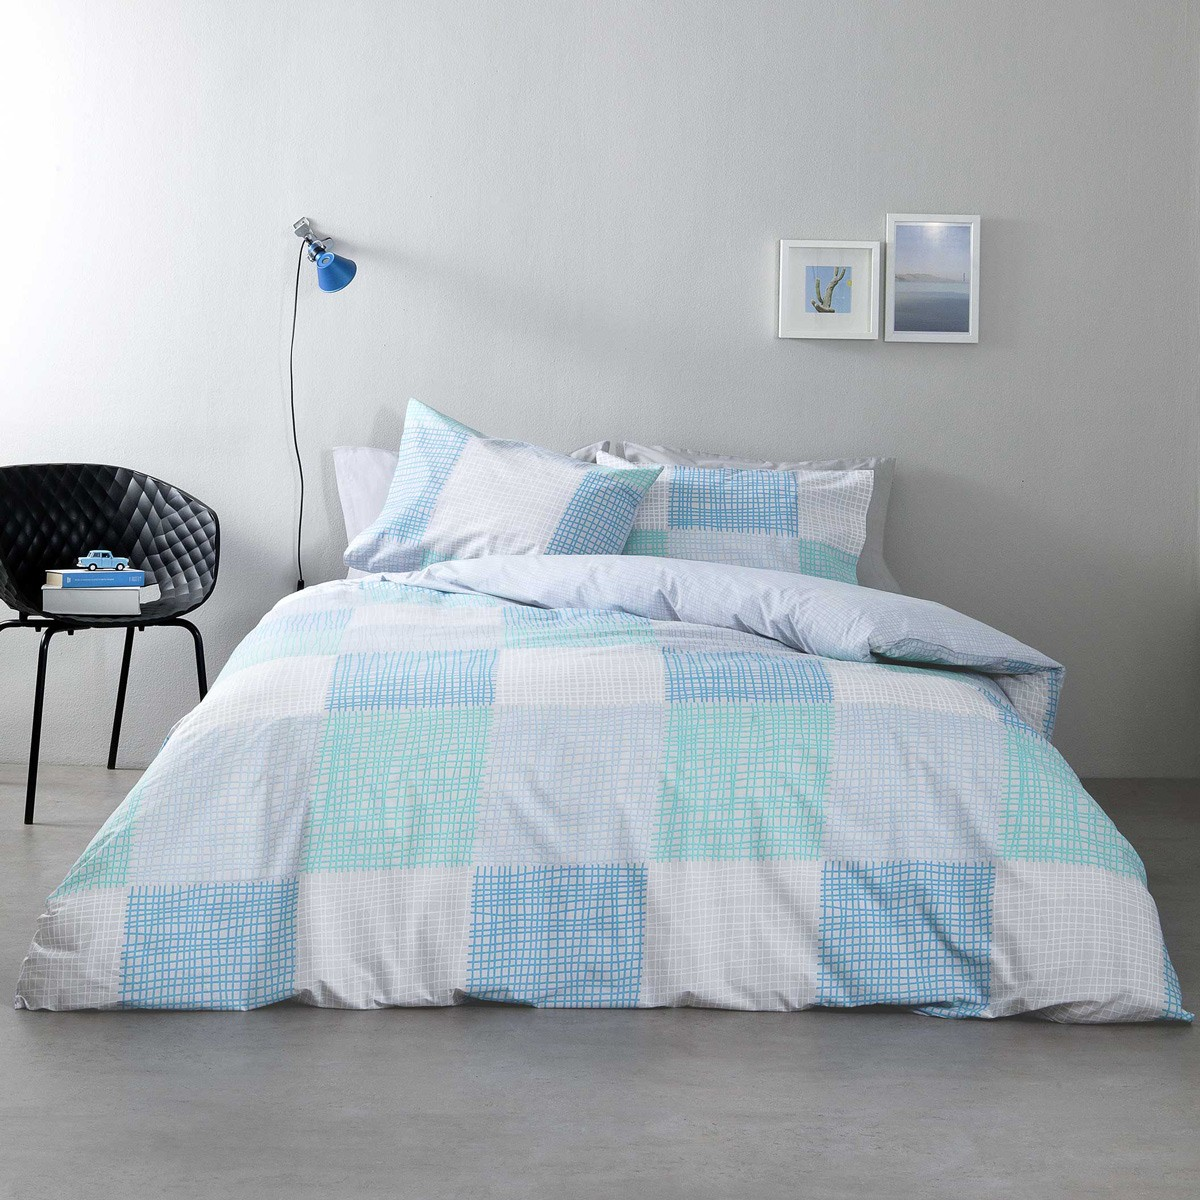 Κουβερλί Μονό Nima Bed Linen Rattan Blue